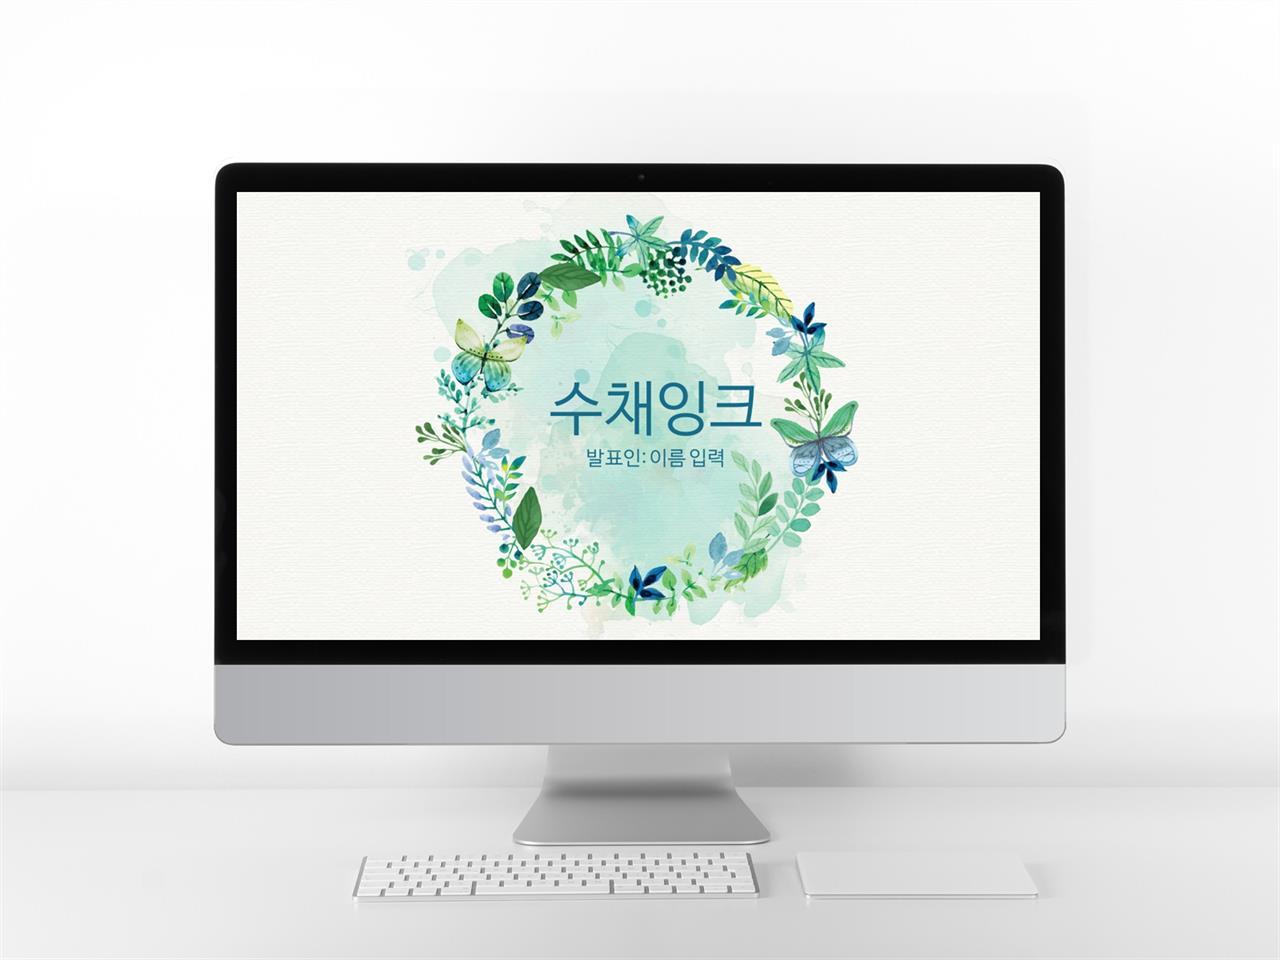 화초, 동식물 녹색 예쁜 매력적인 PPT서식 제작 미리보기